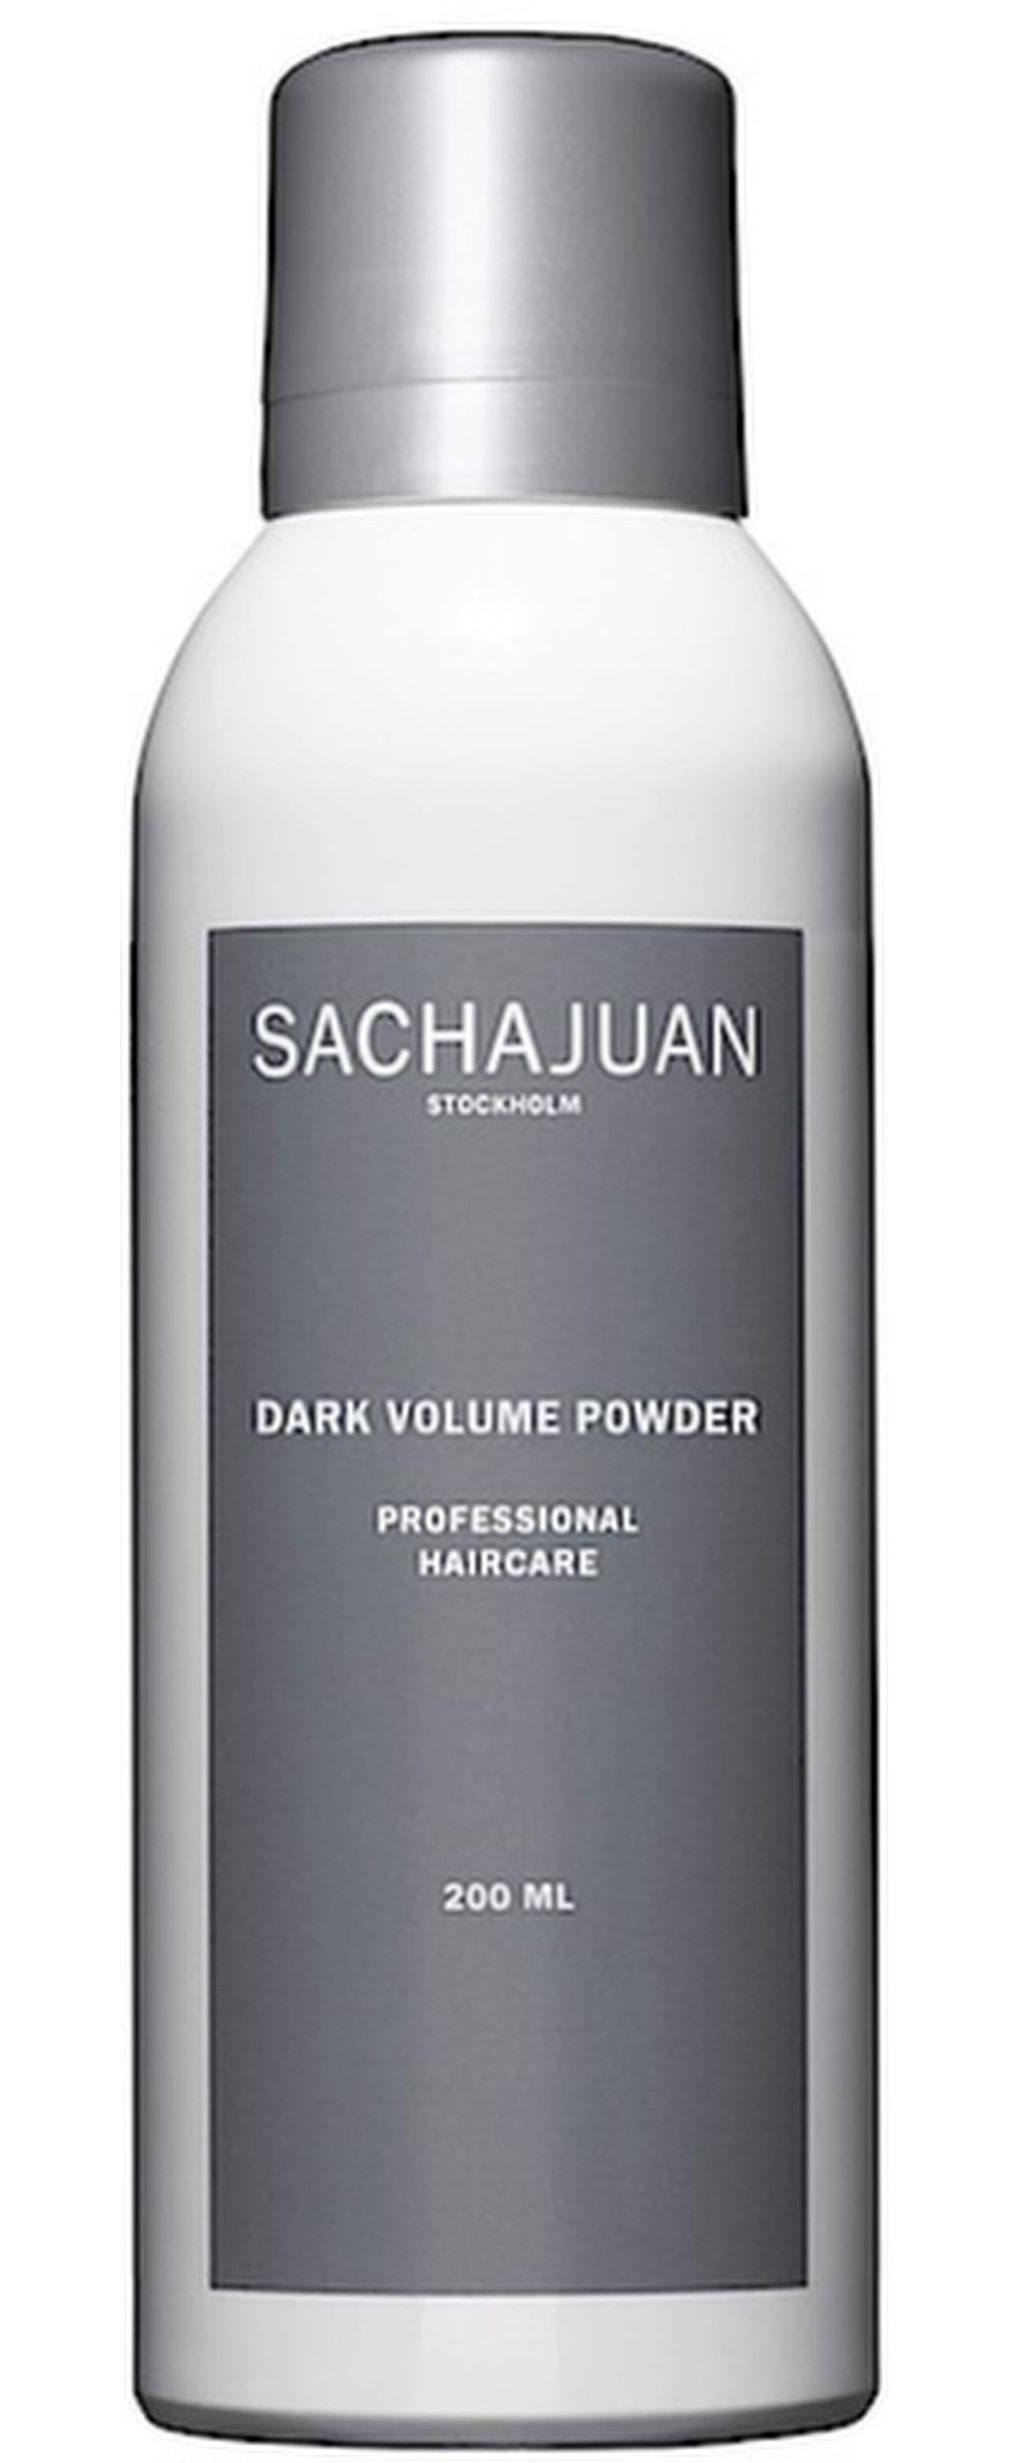 """<strong>Sachajuan, dark volyme powder, 200 ml, 145 kronor.</strong><br><exp:icon type=""""wasp""""></exp:icon><exp:icon type=""""wasp""""></exp:icon><exp:icon type=""""wasp""""></exp:icon><br>Sprayas på 10 cm avstånd på torrt hår. Tar bort överskottsfett och ger en fräschare känsla för 1-2 dagar. Produkten ger en matt finish, men upplevs dock ej ge så mycket volym. Doften är något stark. De bruna pigmenten färgar inte av sig på kudden över natten, men var försiktig så det inte kommer på kläderna vid applicering. Produkten passar även för mörkt askblont hår."""